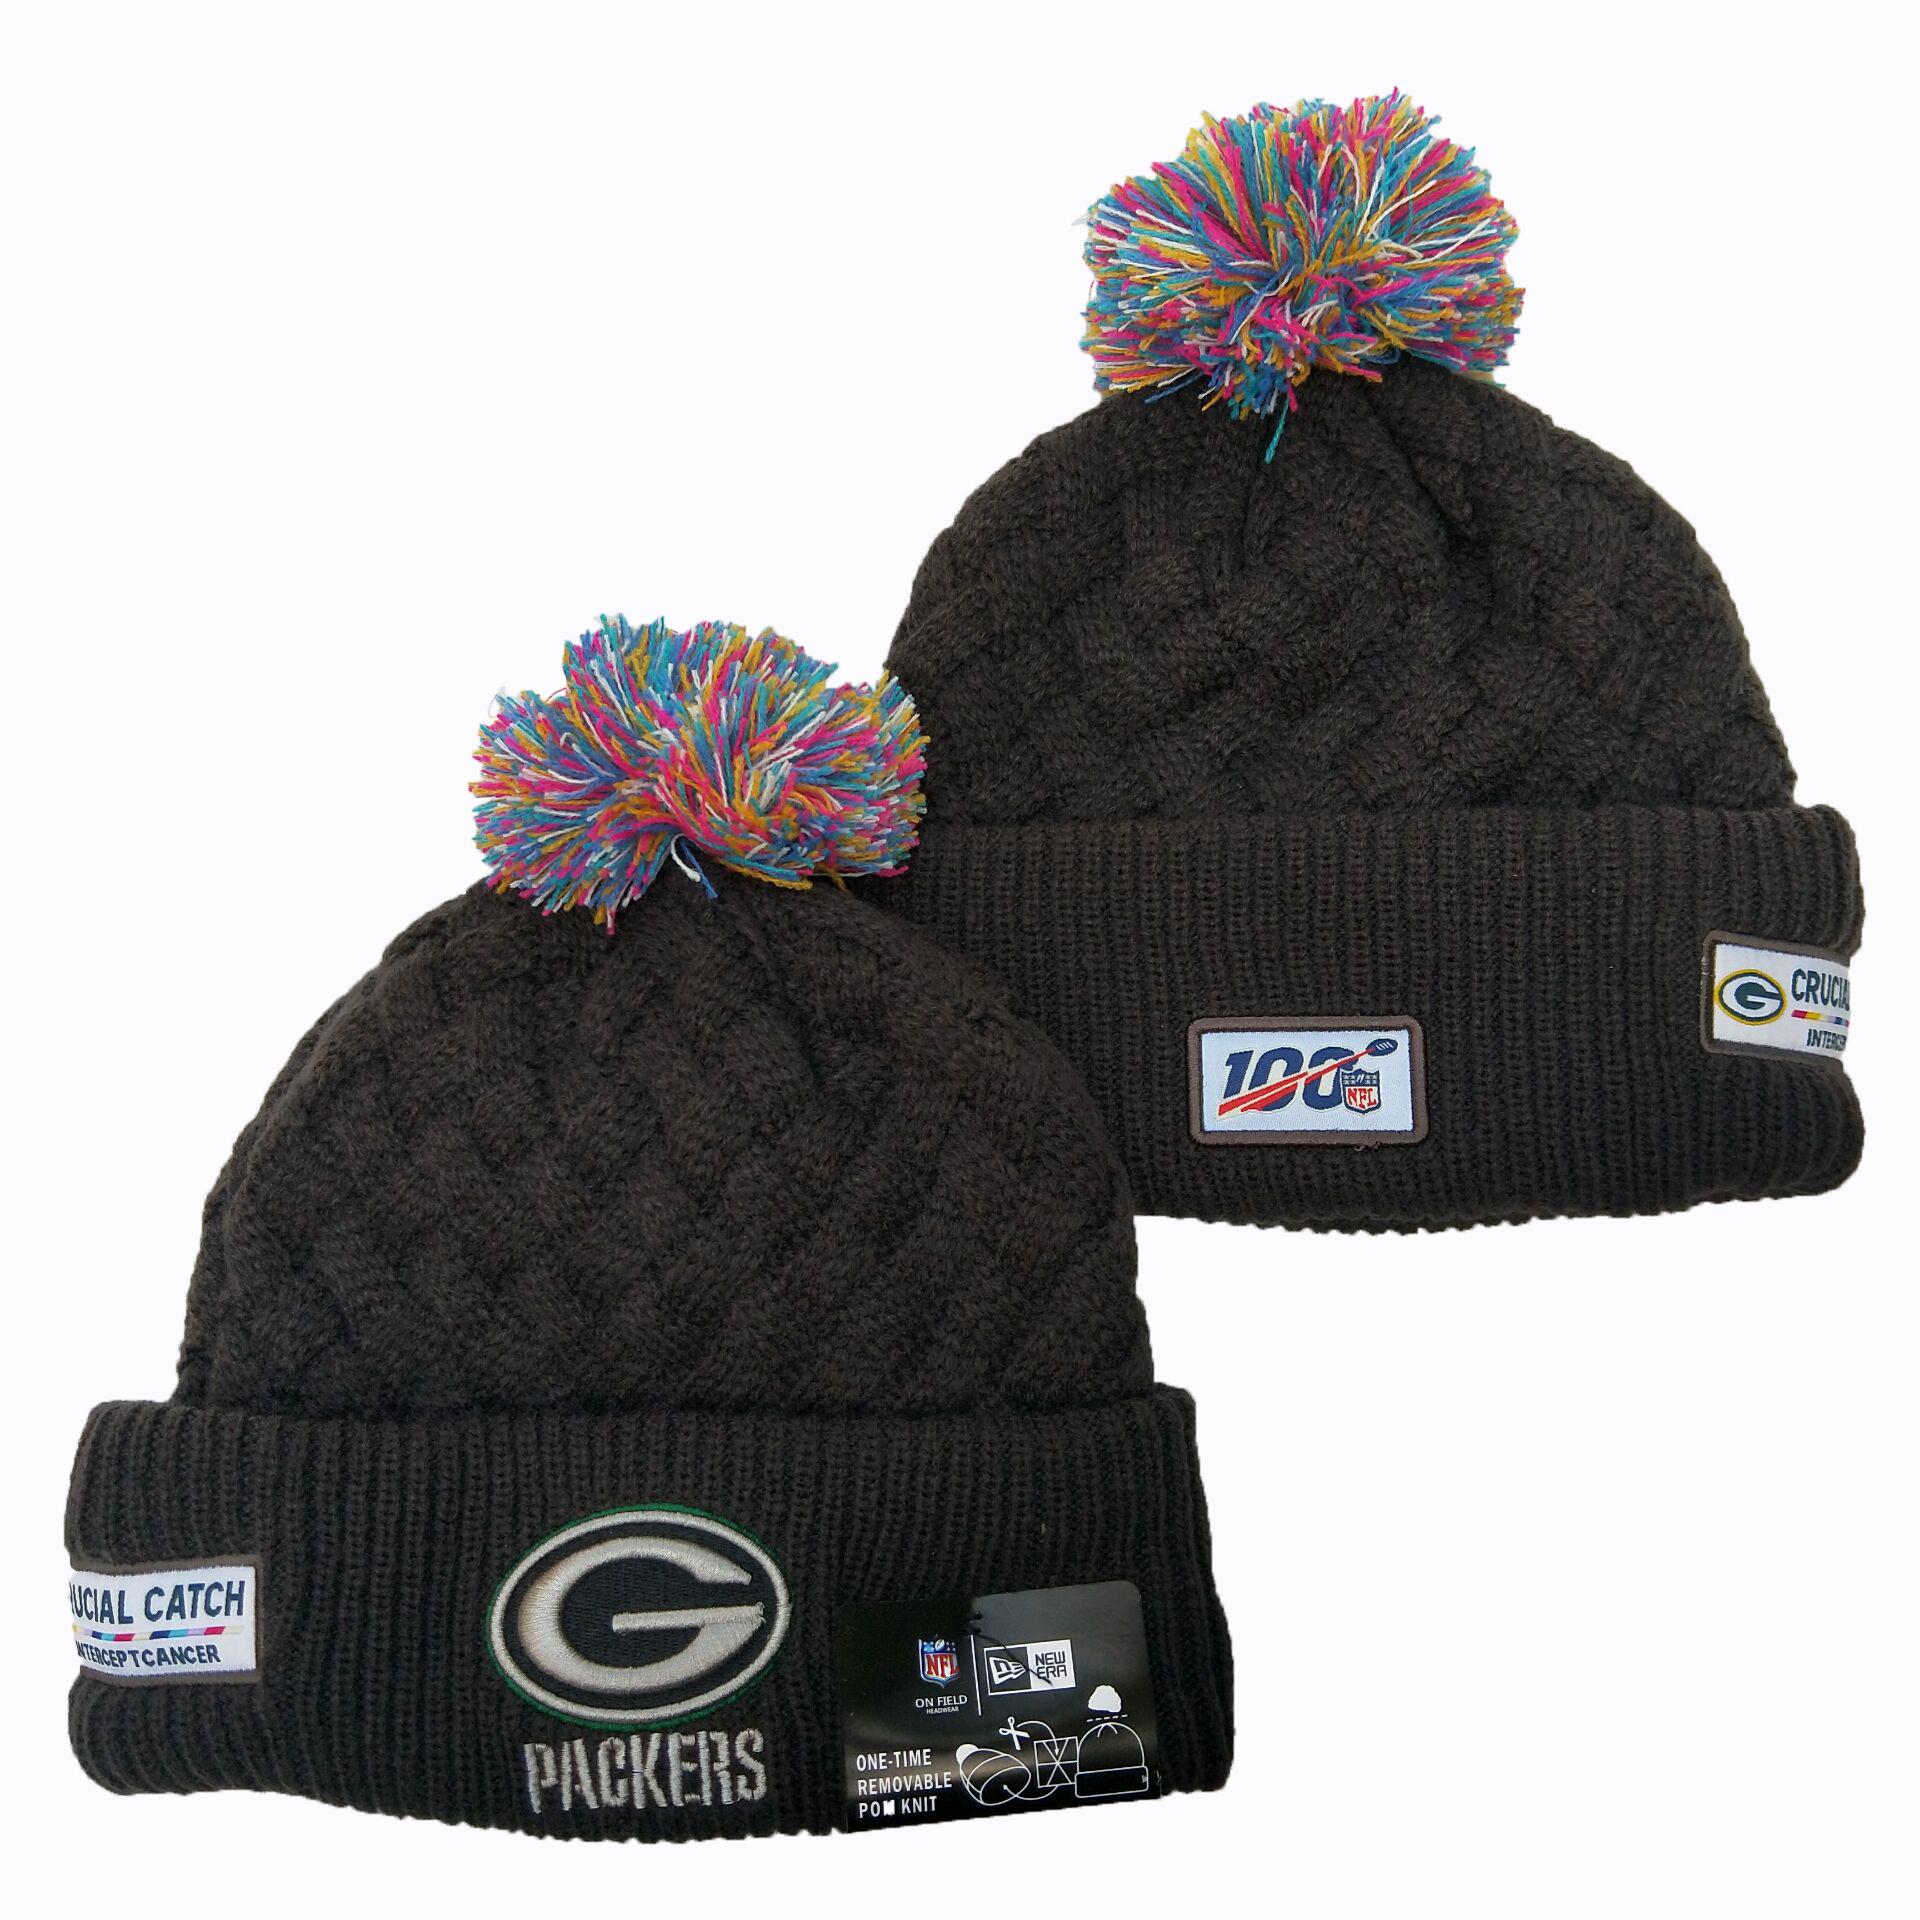 Packers Team Logo Black 100th Season Pom Knit Hat YD